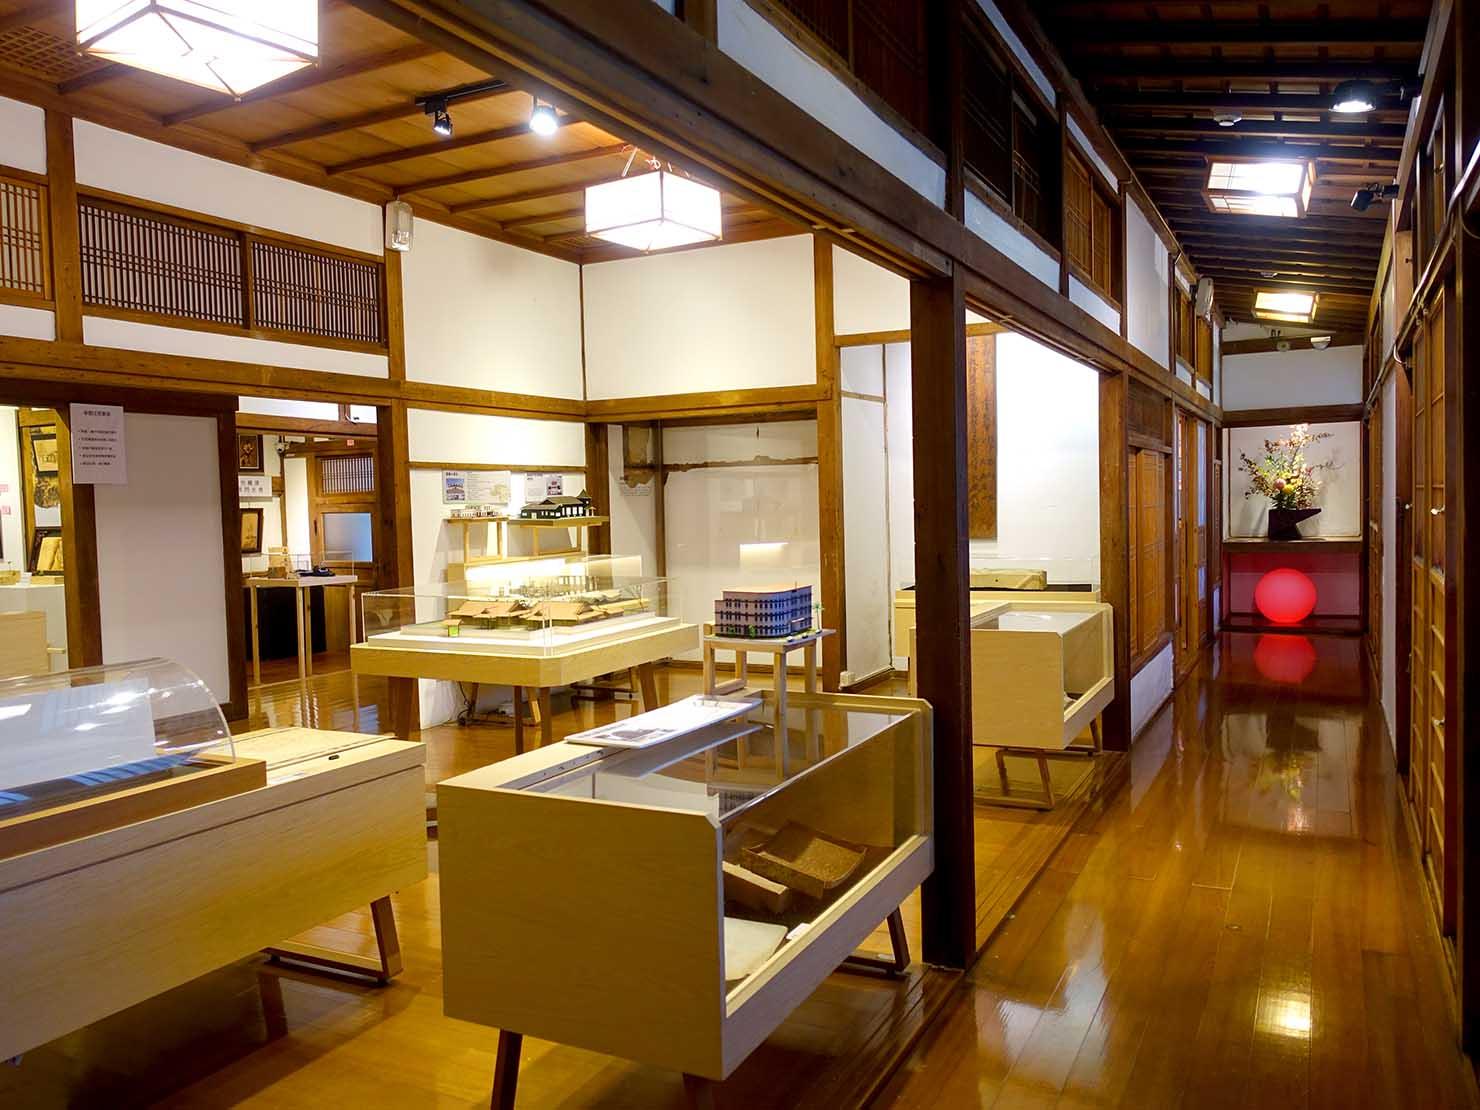 嘉義のおすすめ観光スポット「嘉義市史蹟資料館」の展示スペース